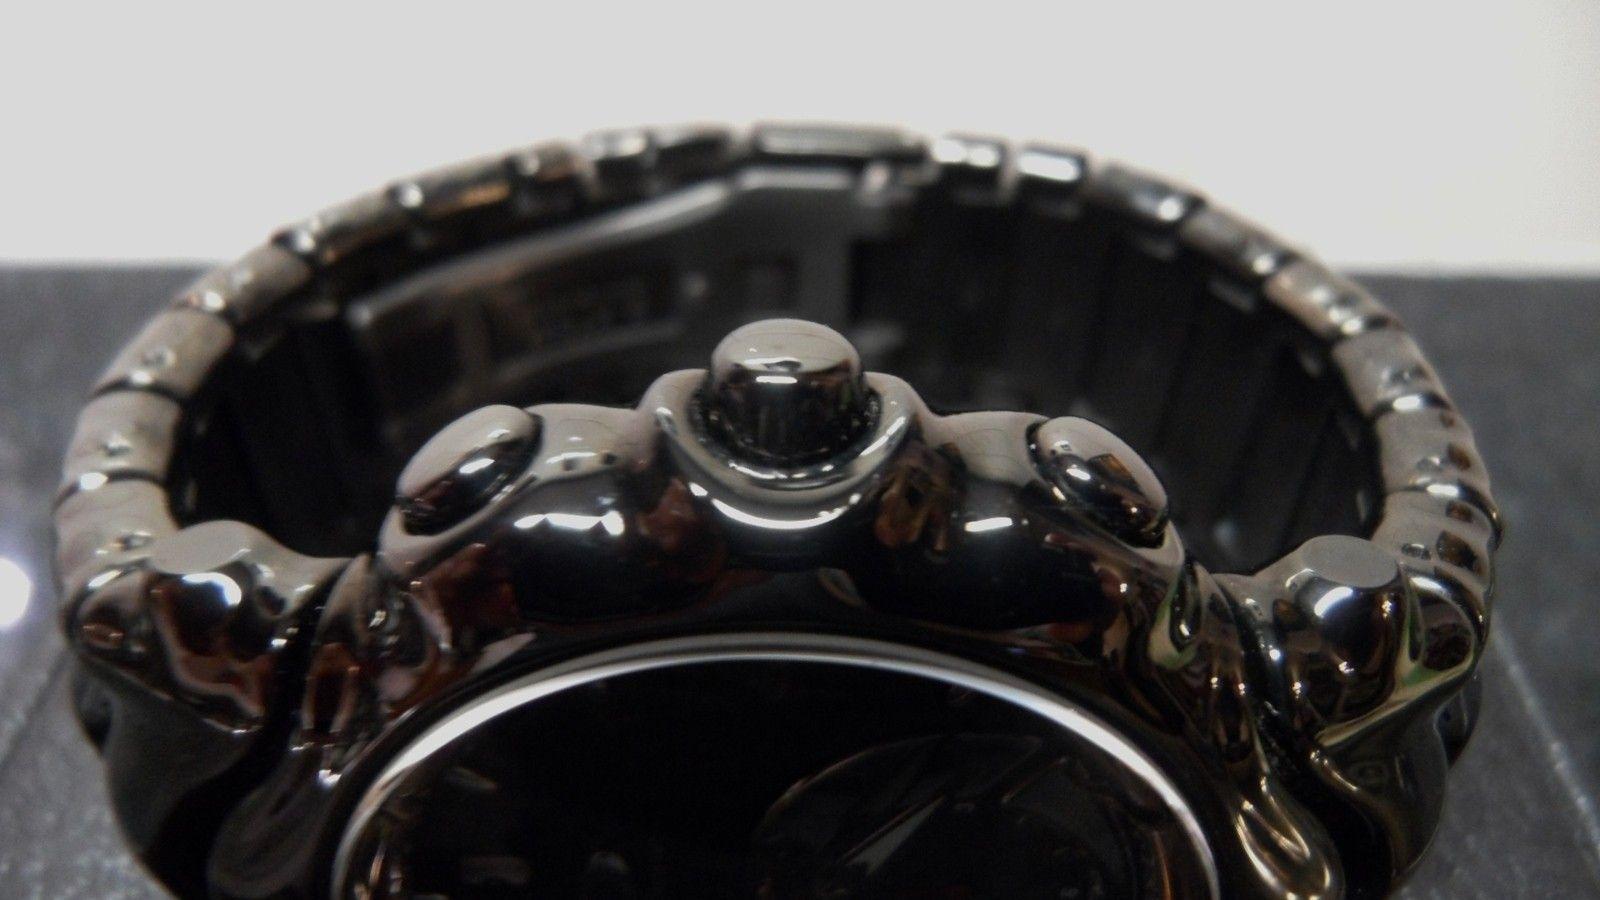 Stealth Black Gen 1 Judge watch. model 10-164. Unworn.  U.K Sale - SAM_0034.JPG